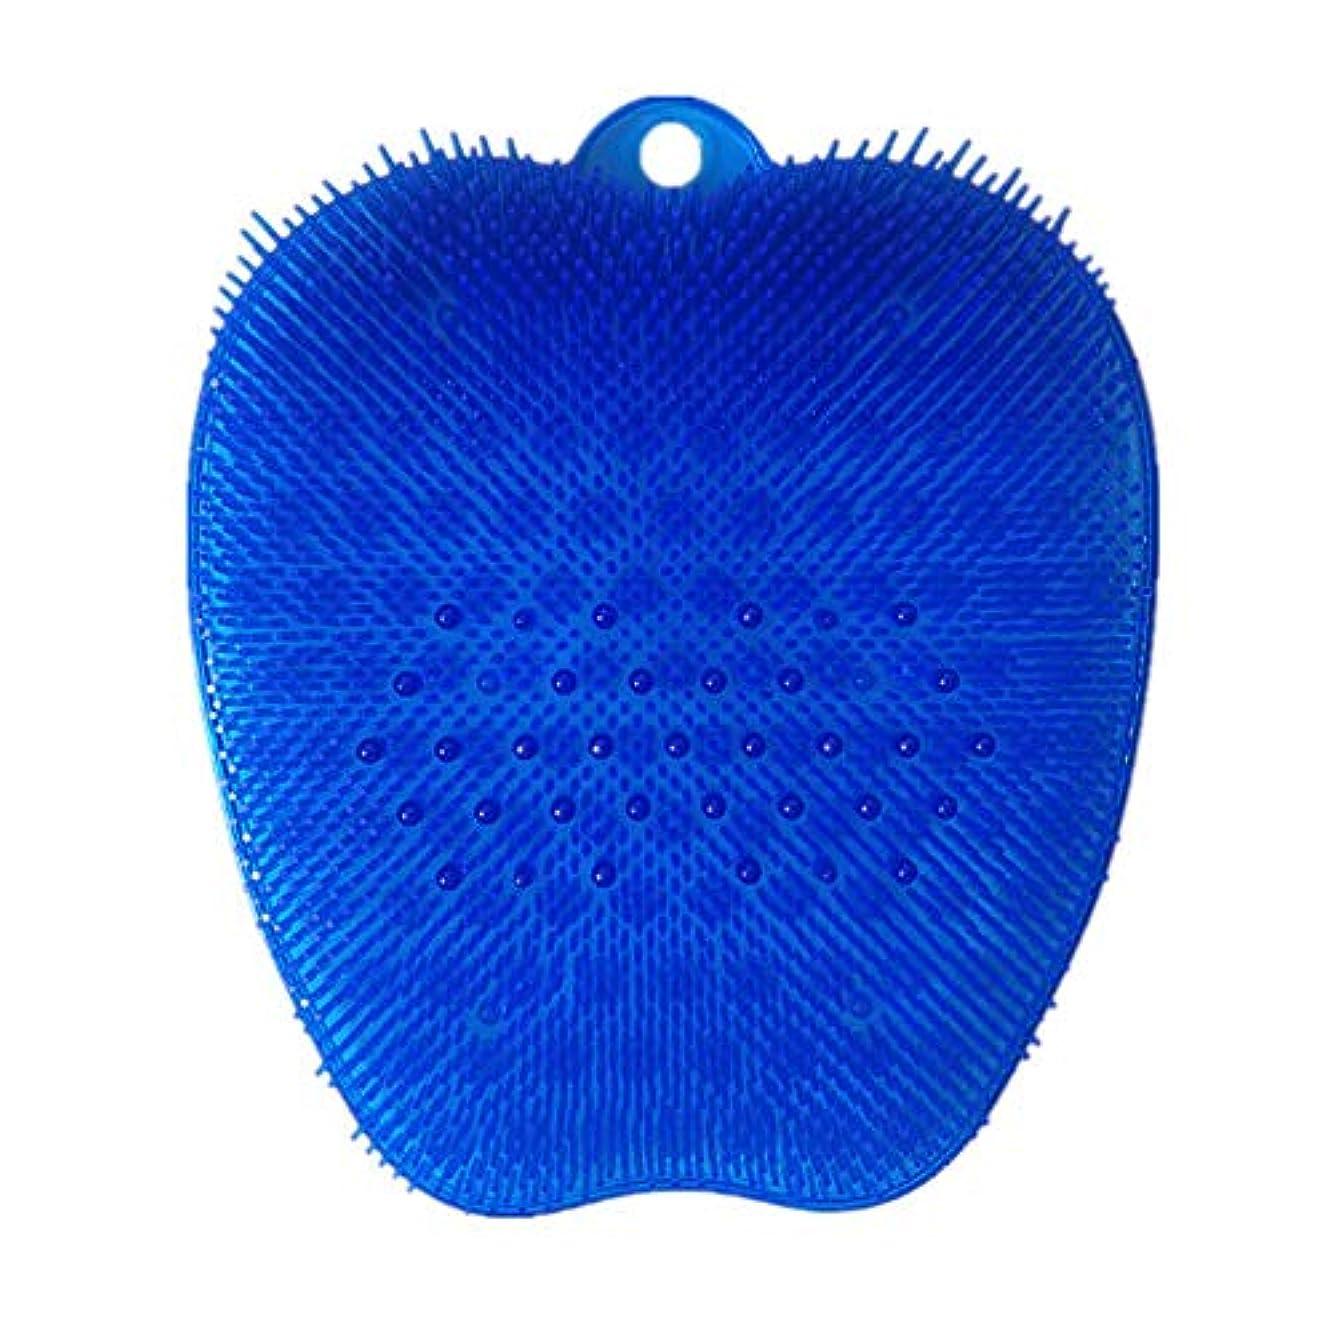 矛盾マルクス主義者風邪をひく足洗いブラシ 滑らない吸盤付き ブルー フットケア フットブラシ 角質ケアブラシ お風呂で使える